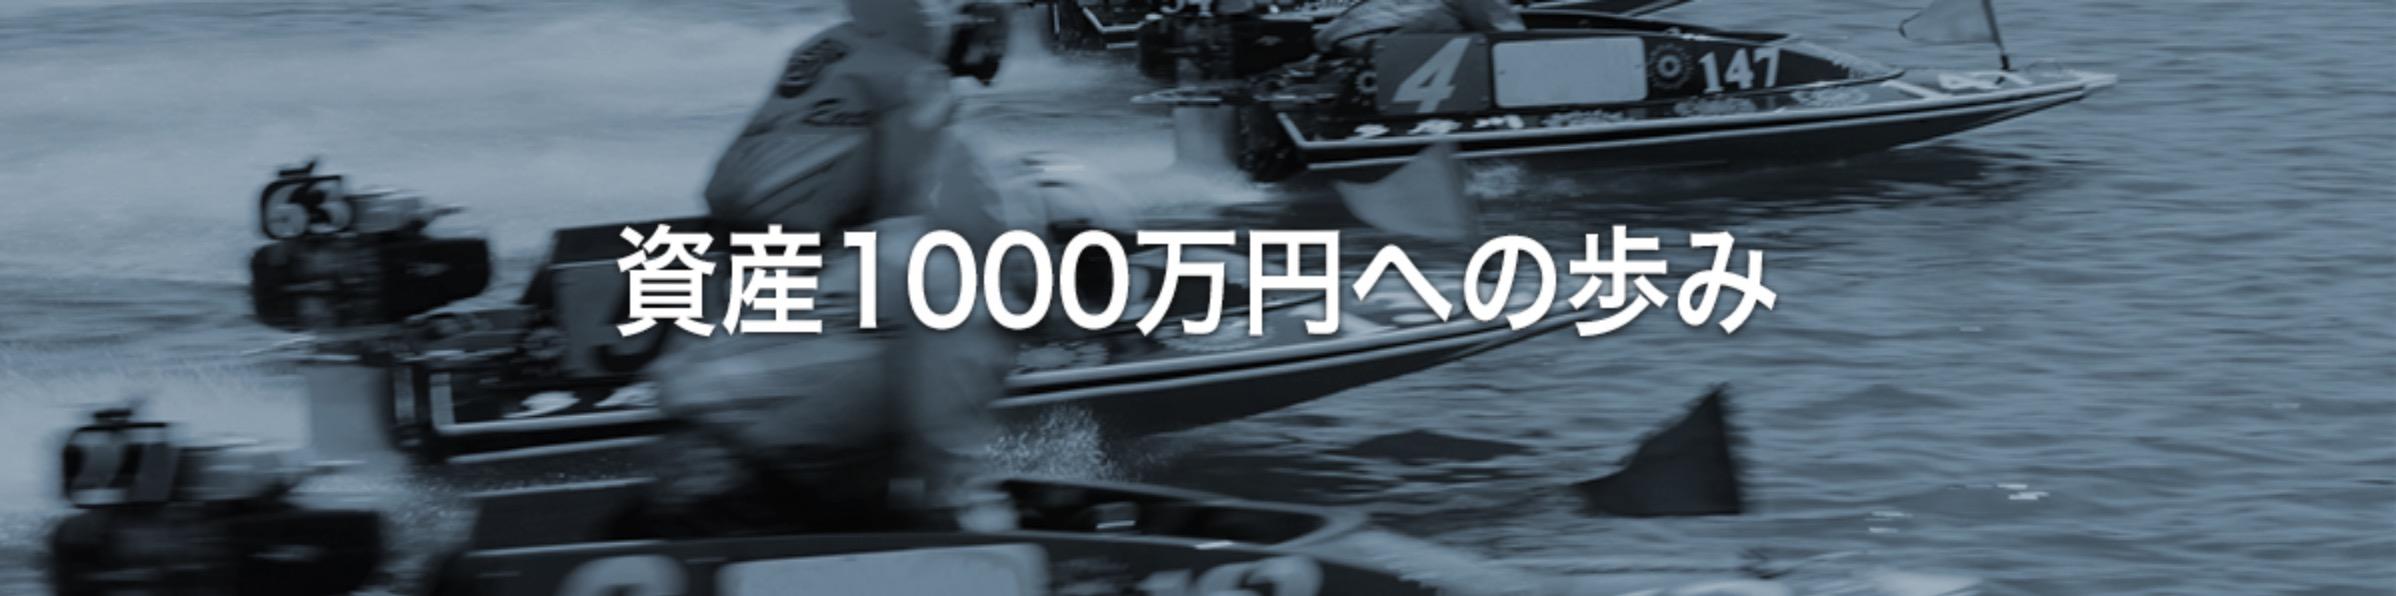 ドリームボート(DREAMBOAT)5